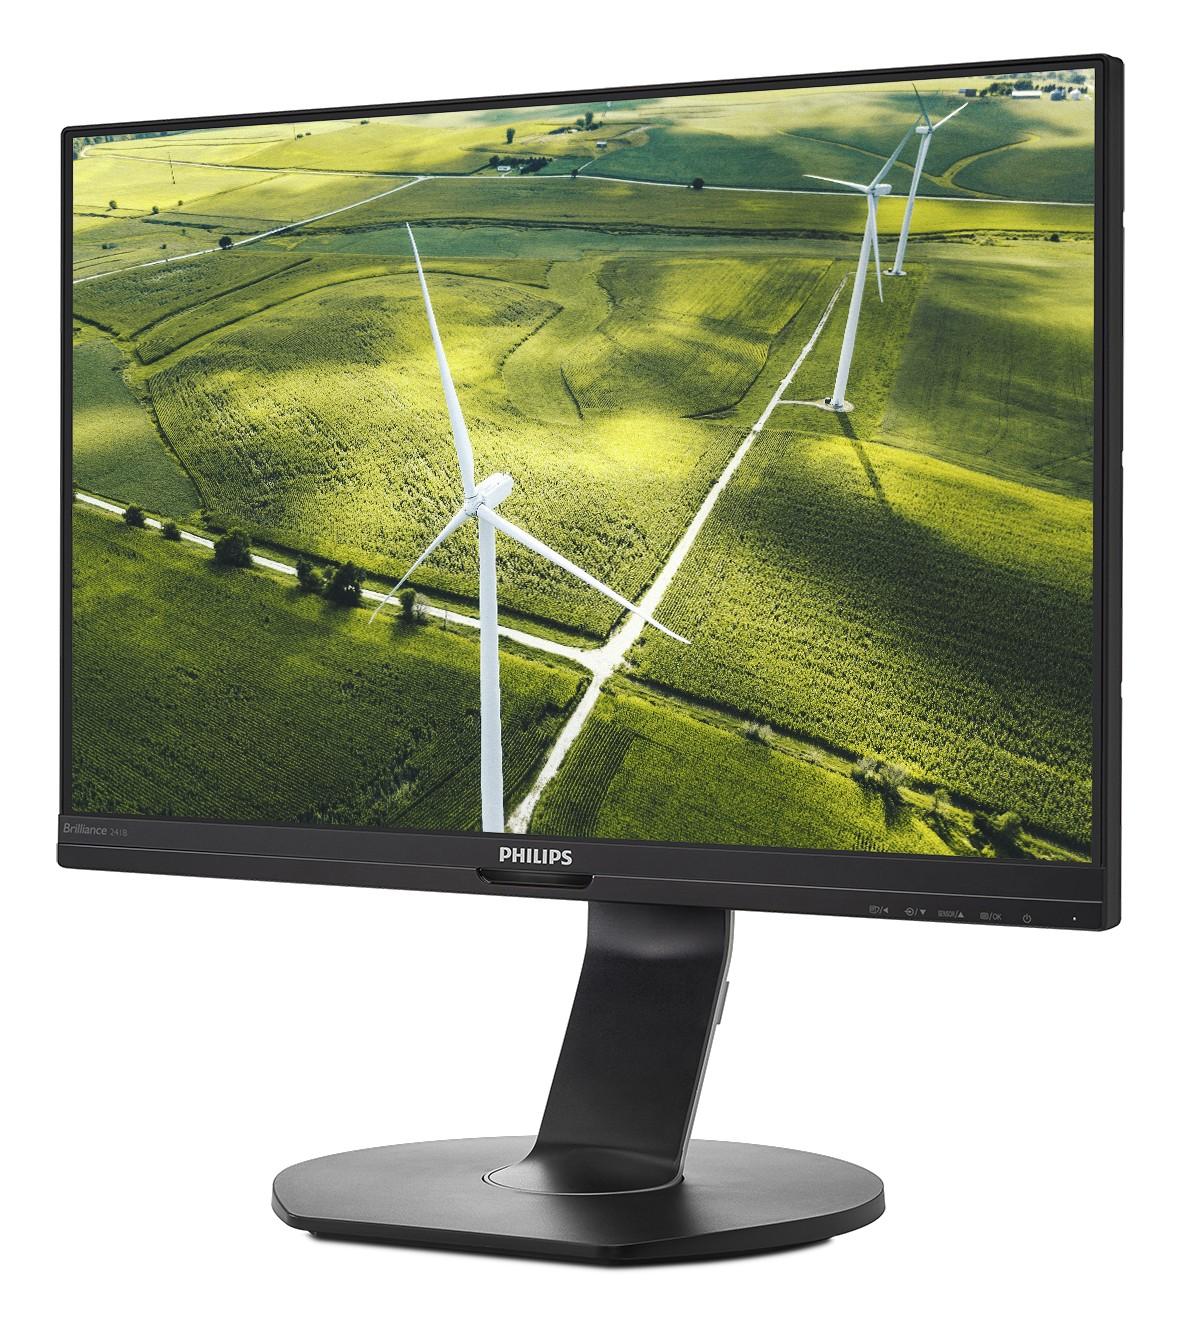 Philips 241B7QGJ pomaga povečati produktivnost in hkrati varuje okolje